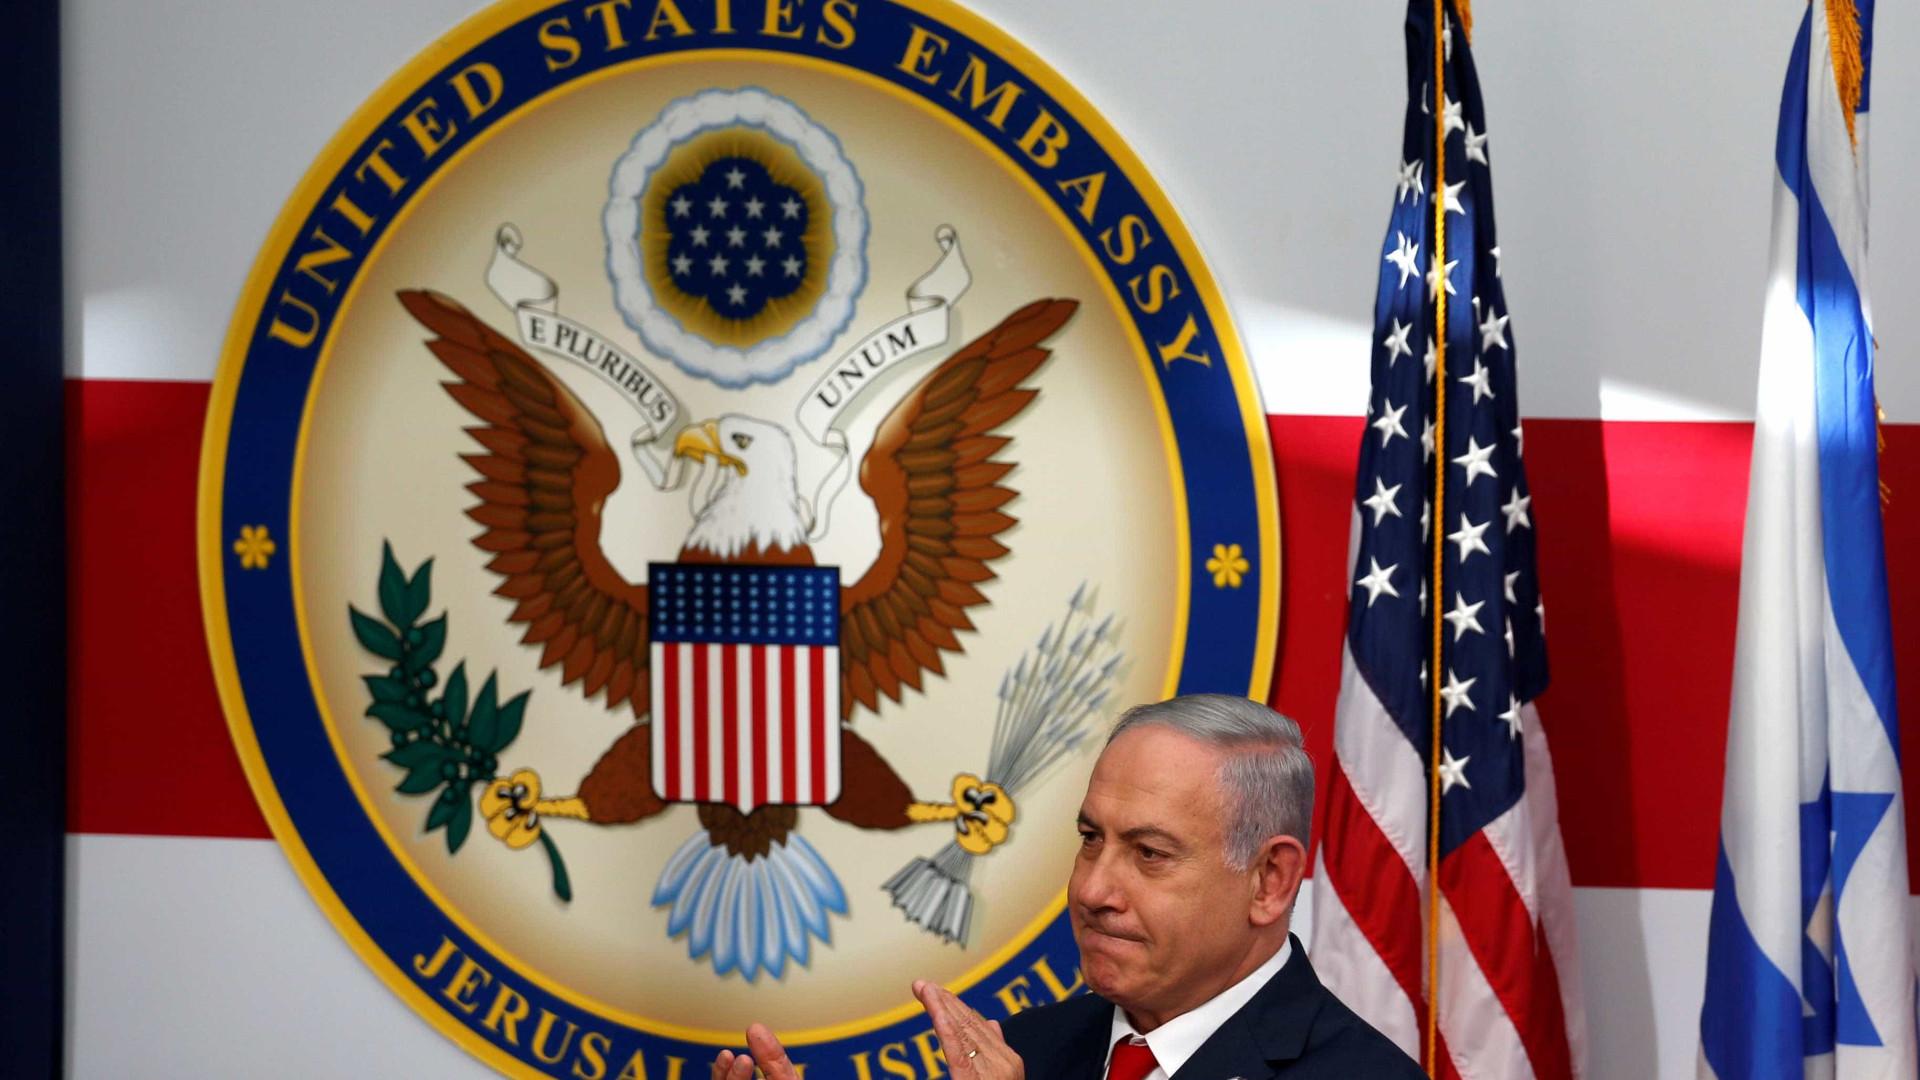 10 itens explicam polêmica sobre a embaixada dos EUA em Jerusalém